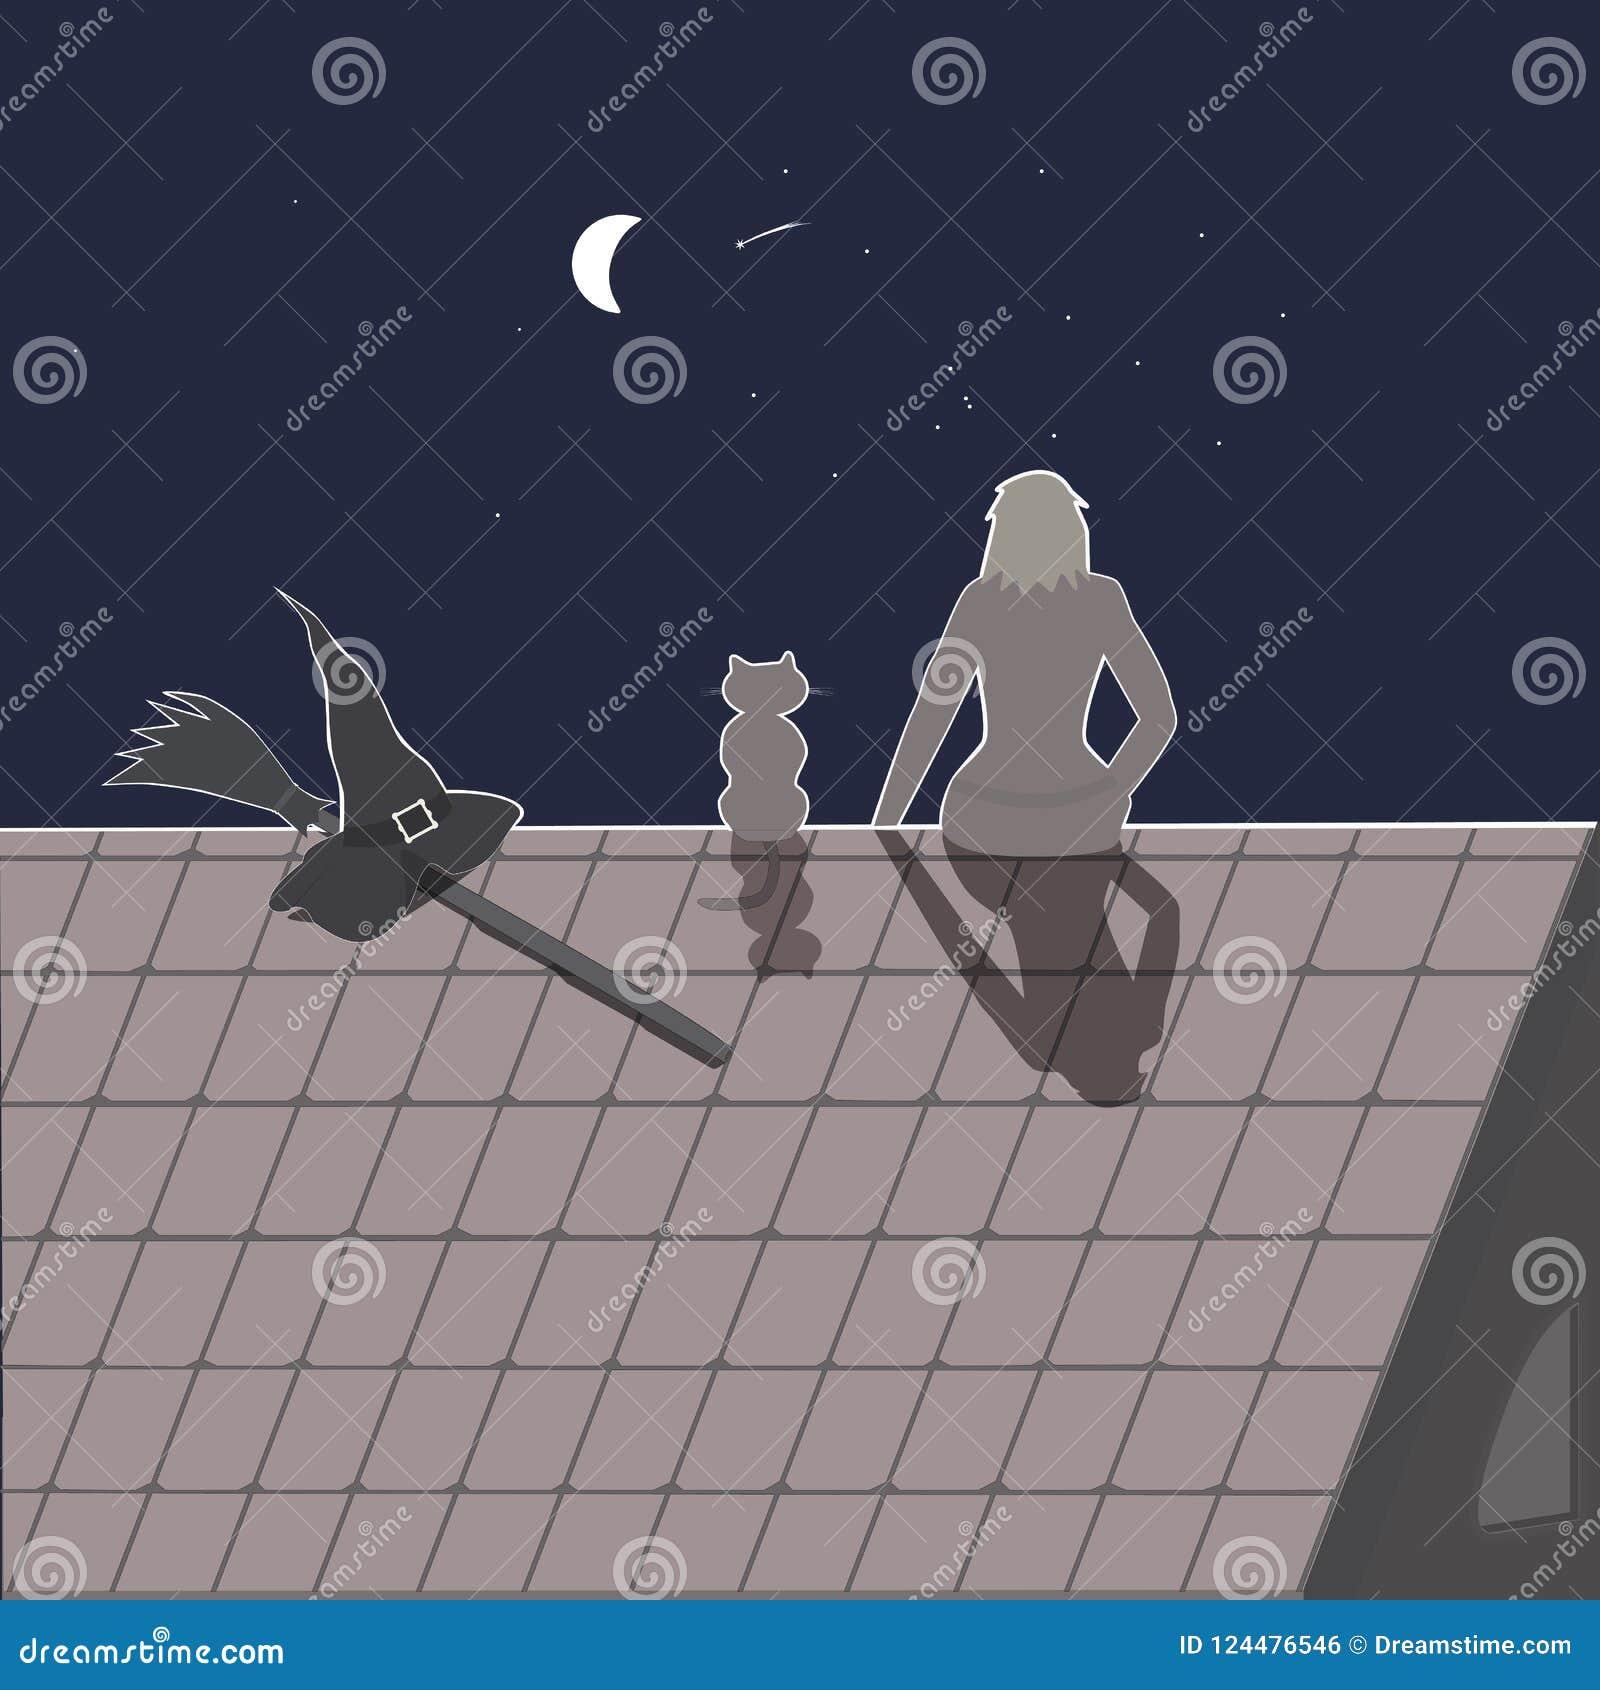 Haloweenscène Meisje met haar kat, bezem en heksenhoed op het dak